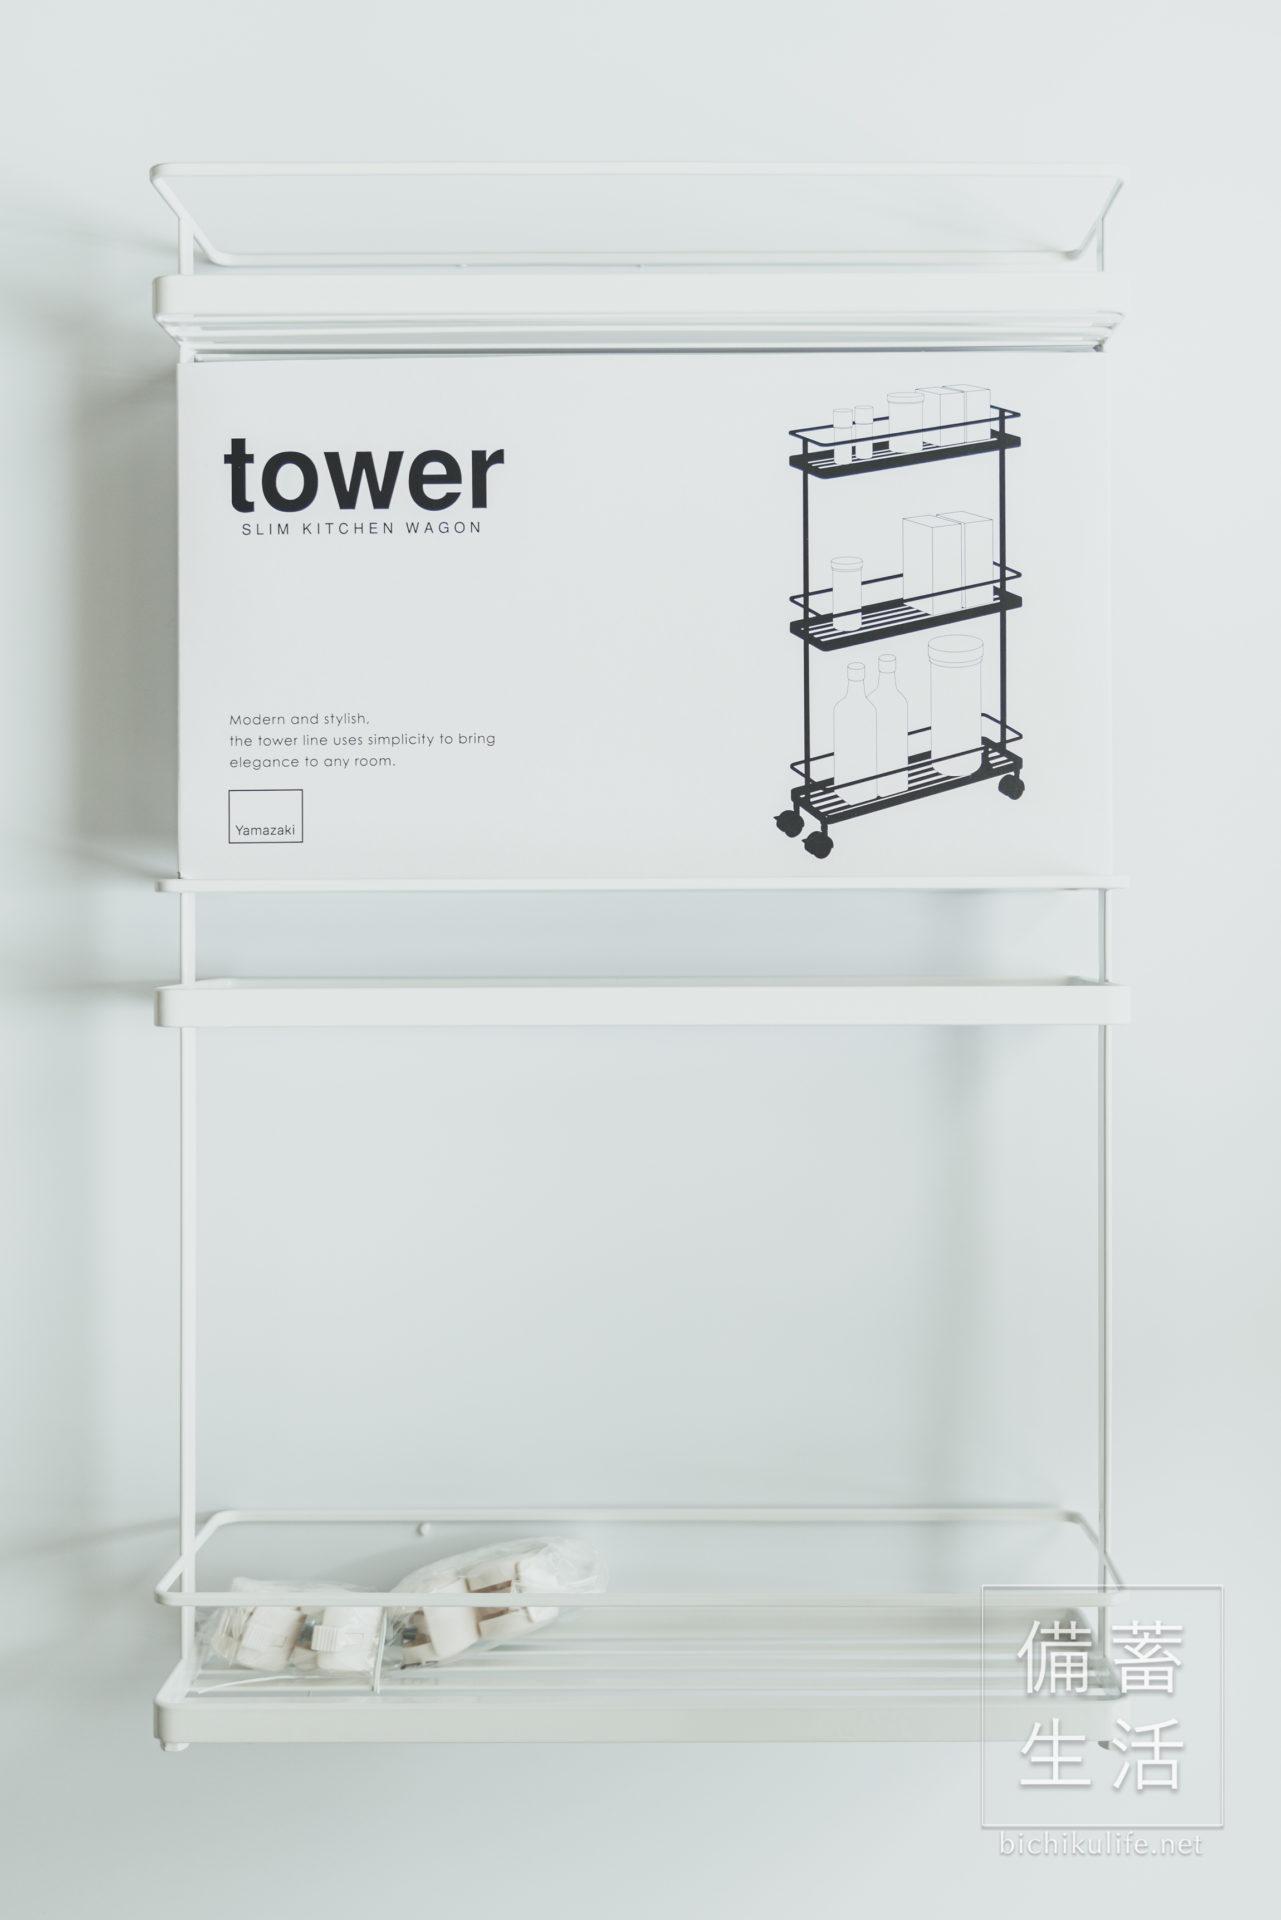 山崎実業 スリムキッチンワゴン tower